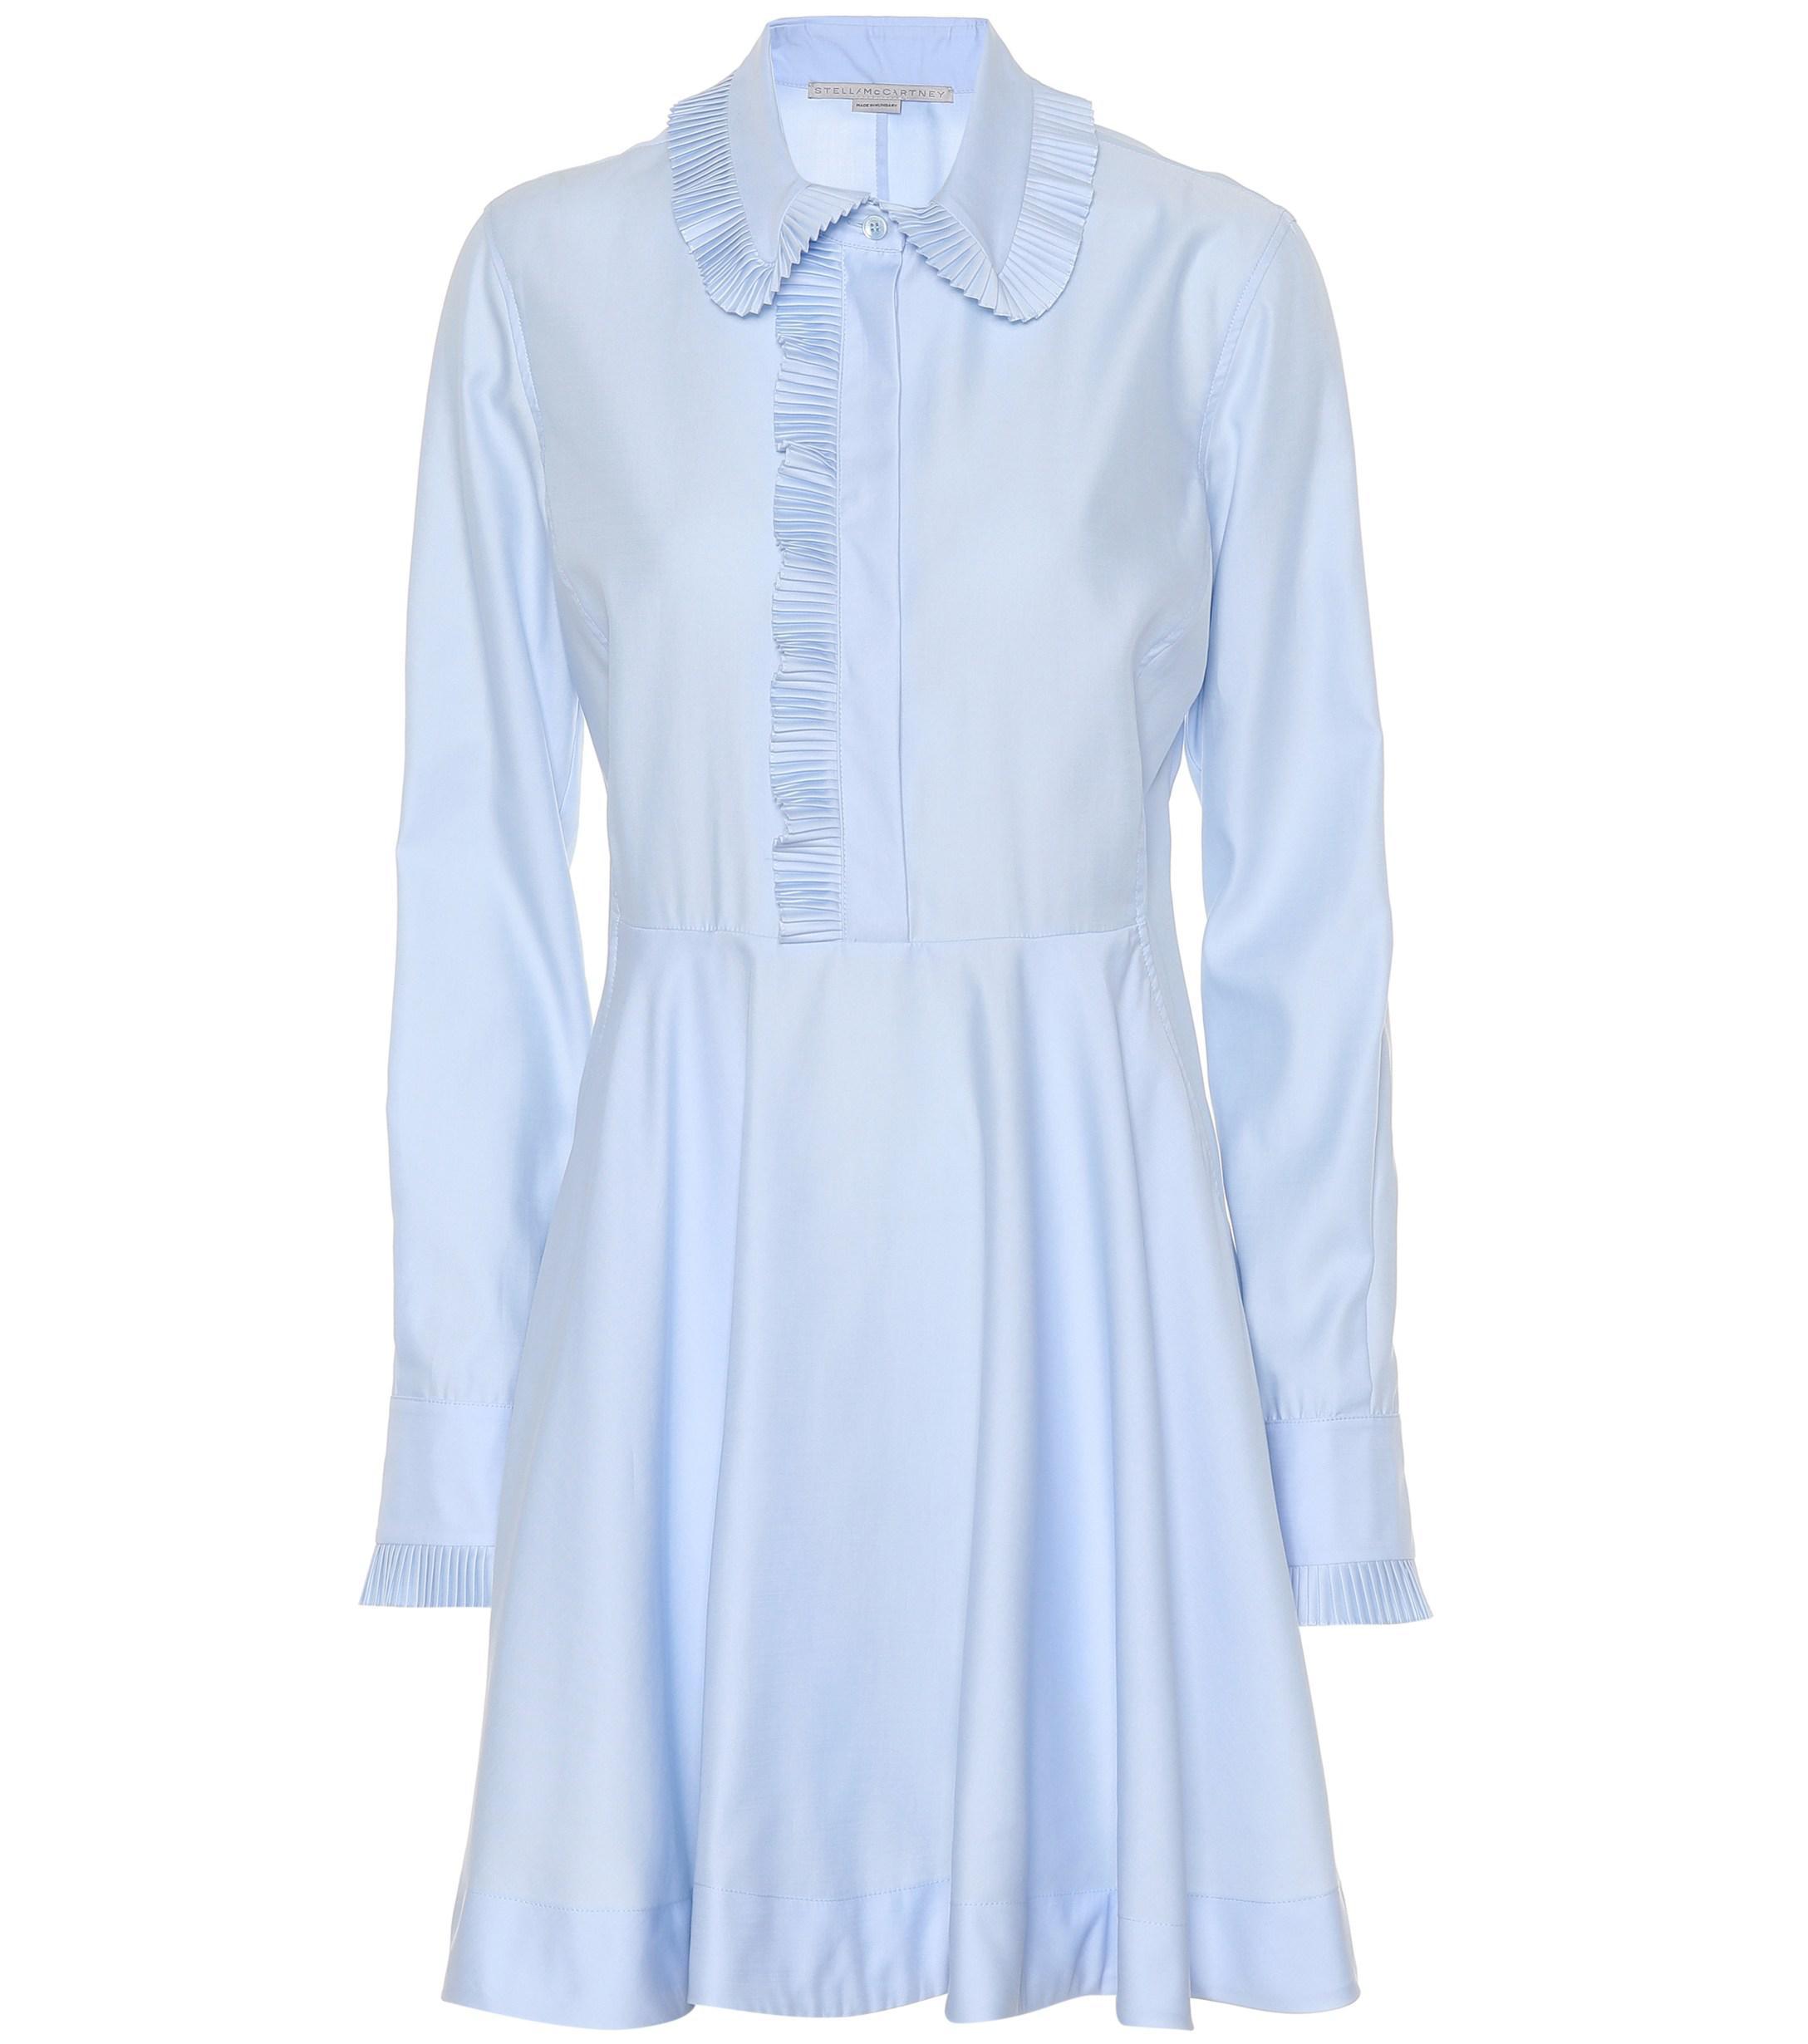 En Réduction Coloris Coton Stella 30De Bleu Robe Mccartney 4Aqc5L3Rj